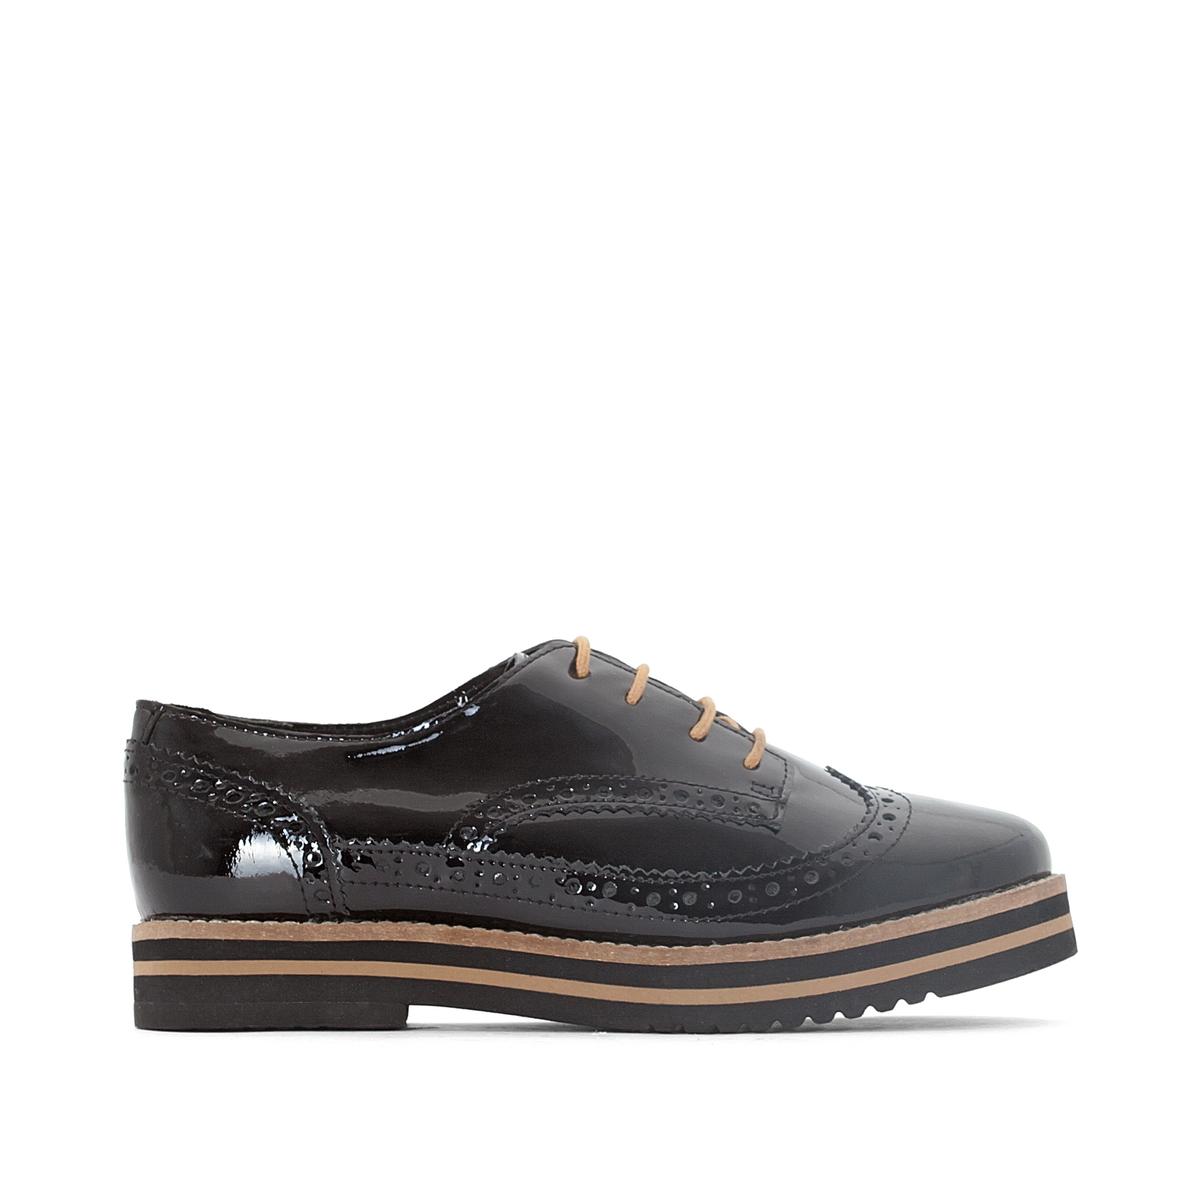 Ботинки-дерби лакированные AvoДетали   •  Ботинки-дерби •  Высота каблука : 3 см •  Застежка : шнуровка. •  Заостренный мысок •  ЛакированныеСостав и уход   •  Верх 100% яловичная кожа •  Подкладка 100% синтетический материал •  Стелька 100% кожа •  Подошва 100% каучук<br><br>Цвет: красный/ бордовый,черный